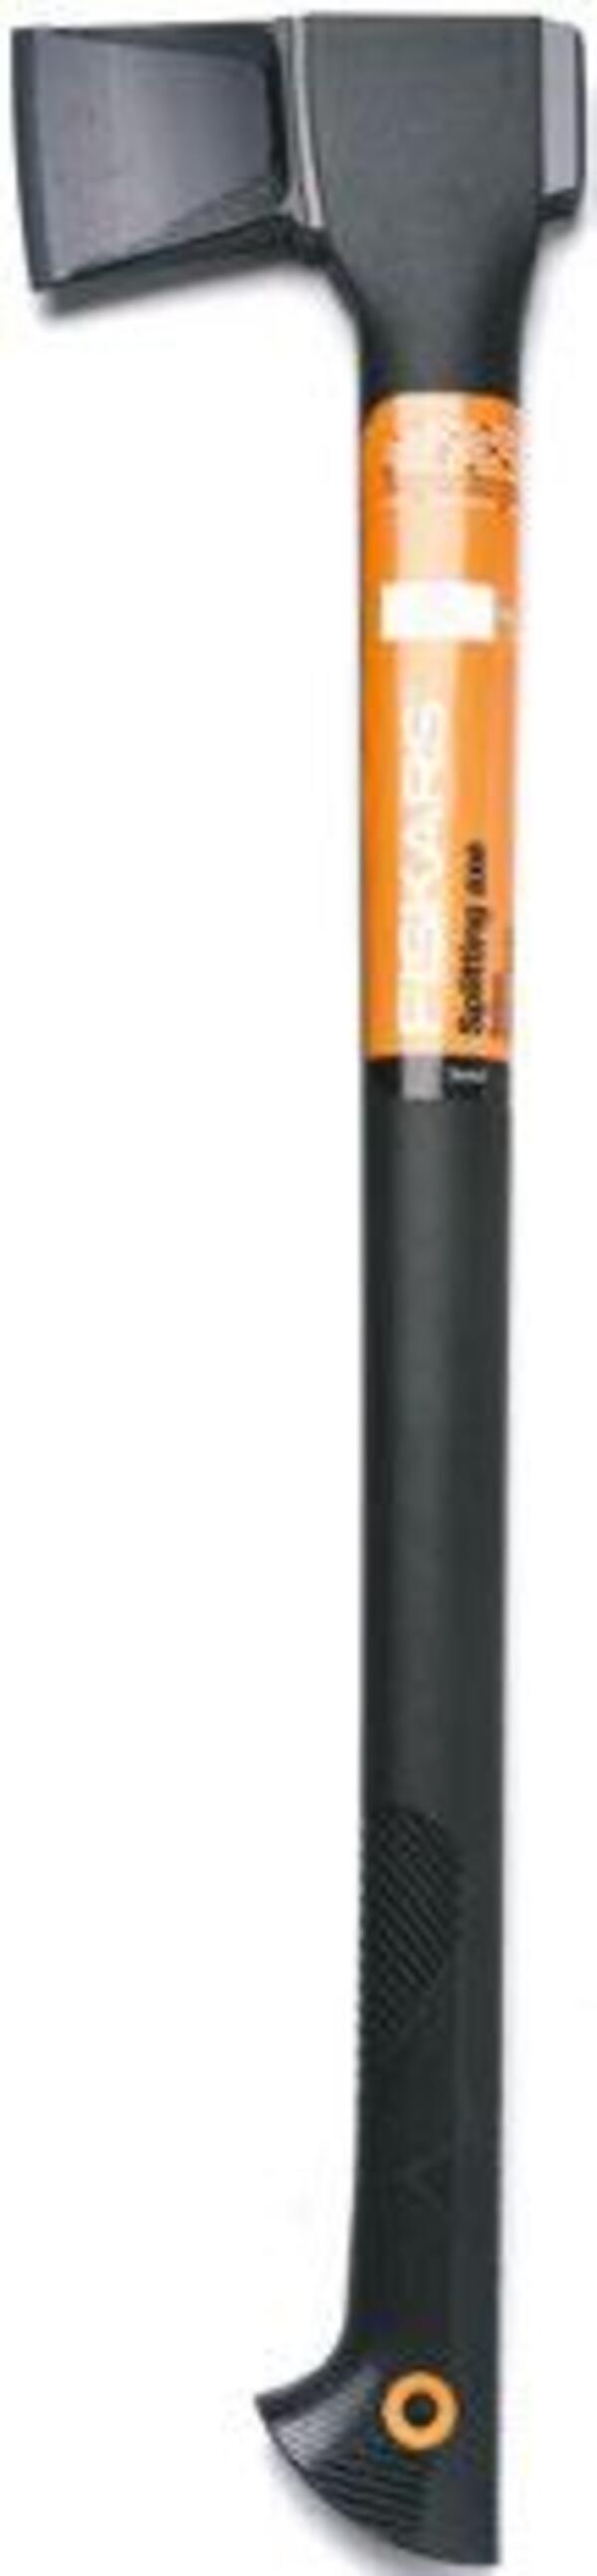 Fiskars Solid Spaltaxt A19